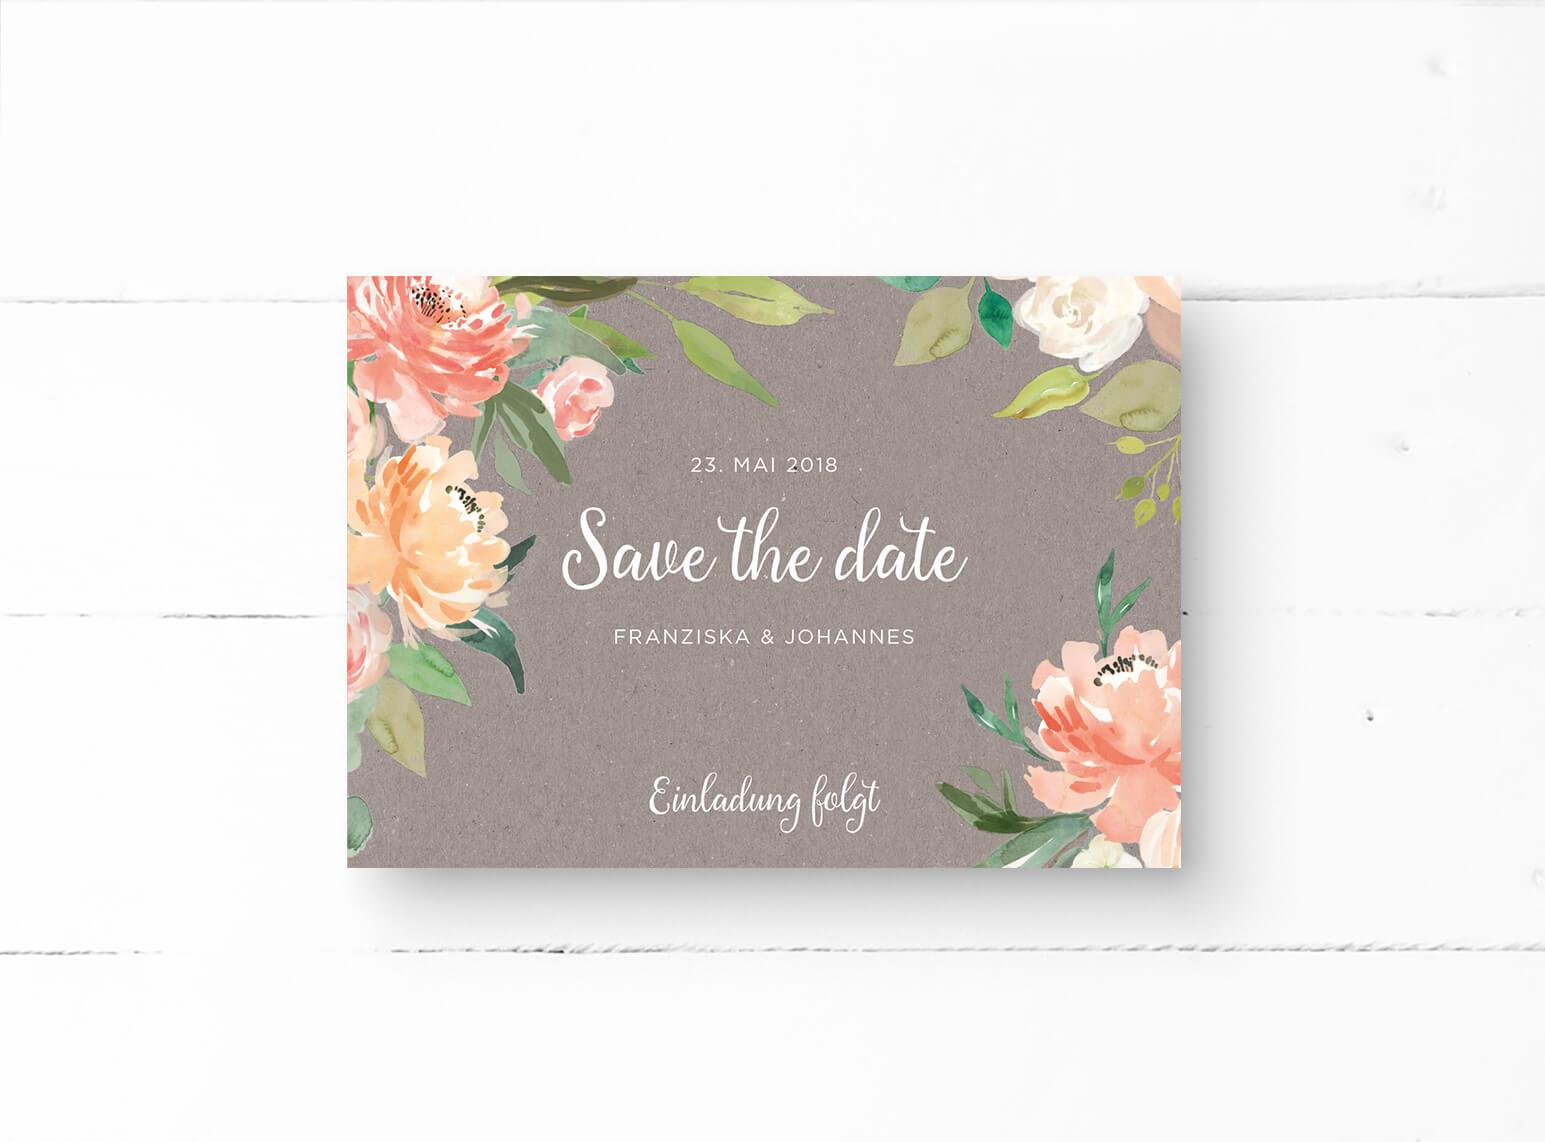 save the date einladung verziert mit pfirsichfarbenen pfingstrosen. Black Bedroom Furniture Sets. Home Design Ideas